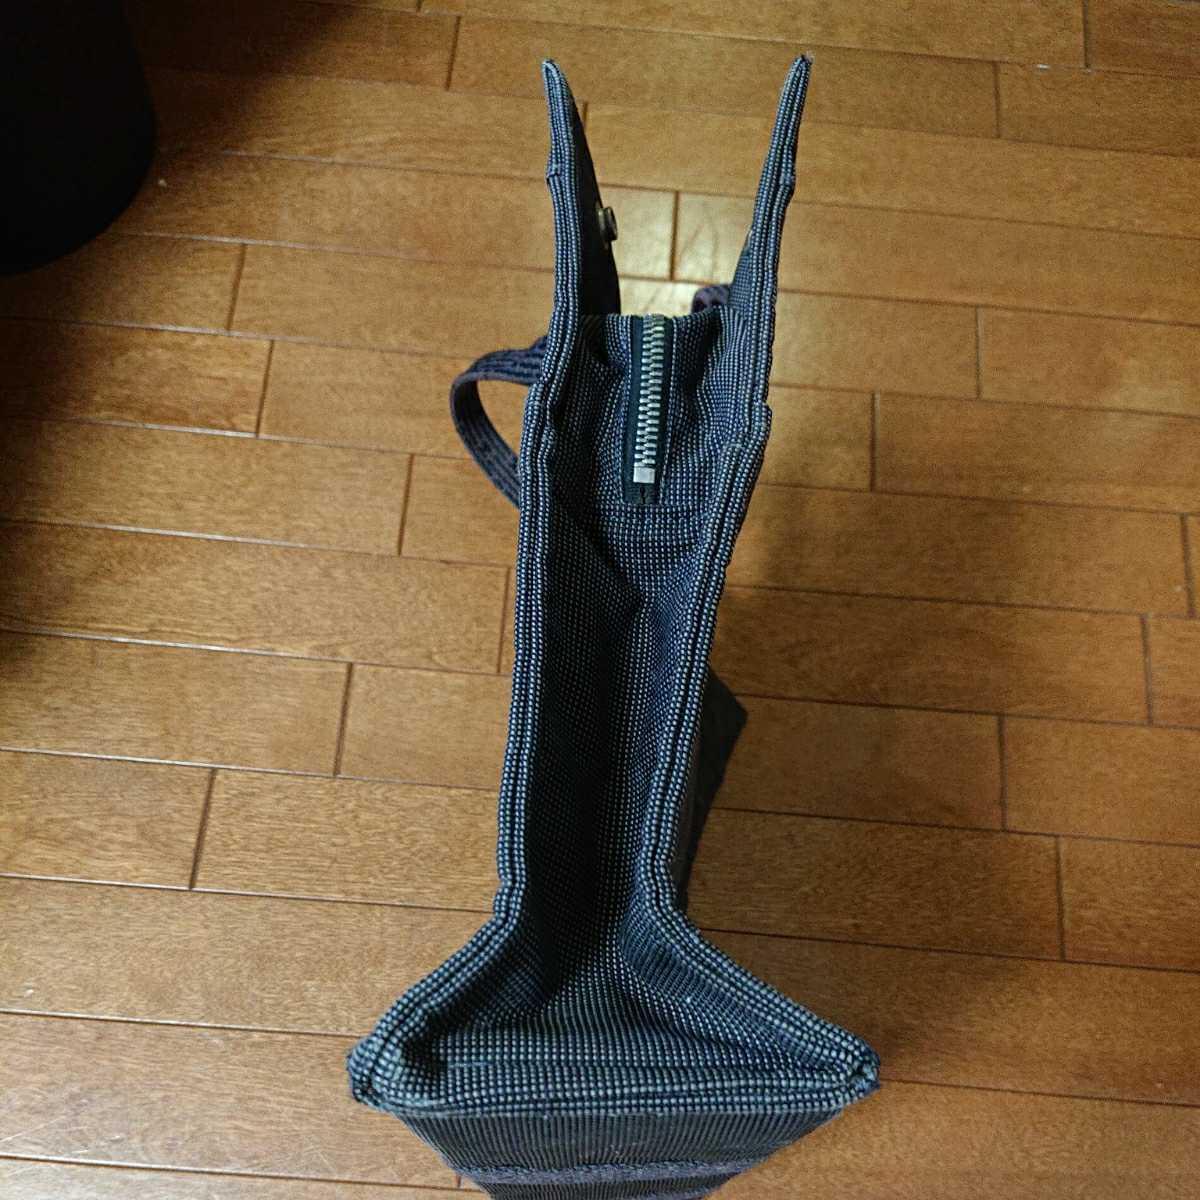 エルメス エルメスエールライン トートバッグ フールトゥ HERMES バッグ 男女兼用 ビジネスカバン 鞄 かばん 黒 ブラック_画像9